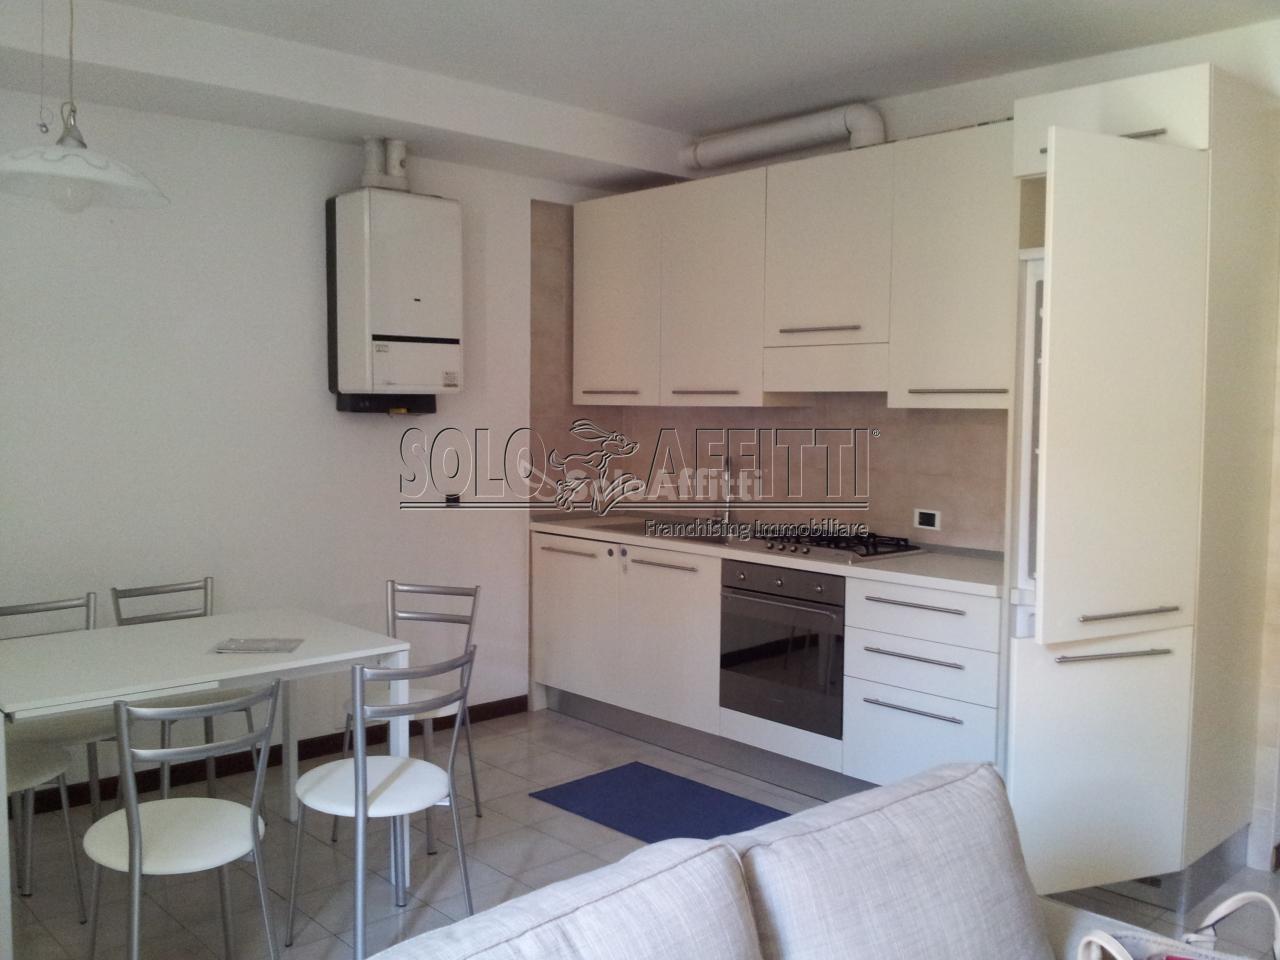 Appartamento trilocale in affitto a lecco centro storico for Affitto lecco arredato